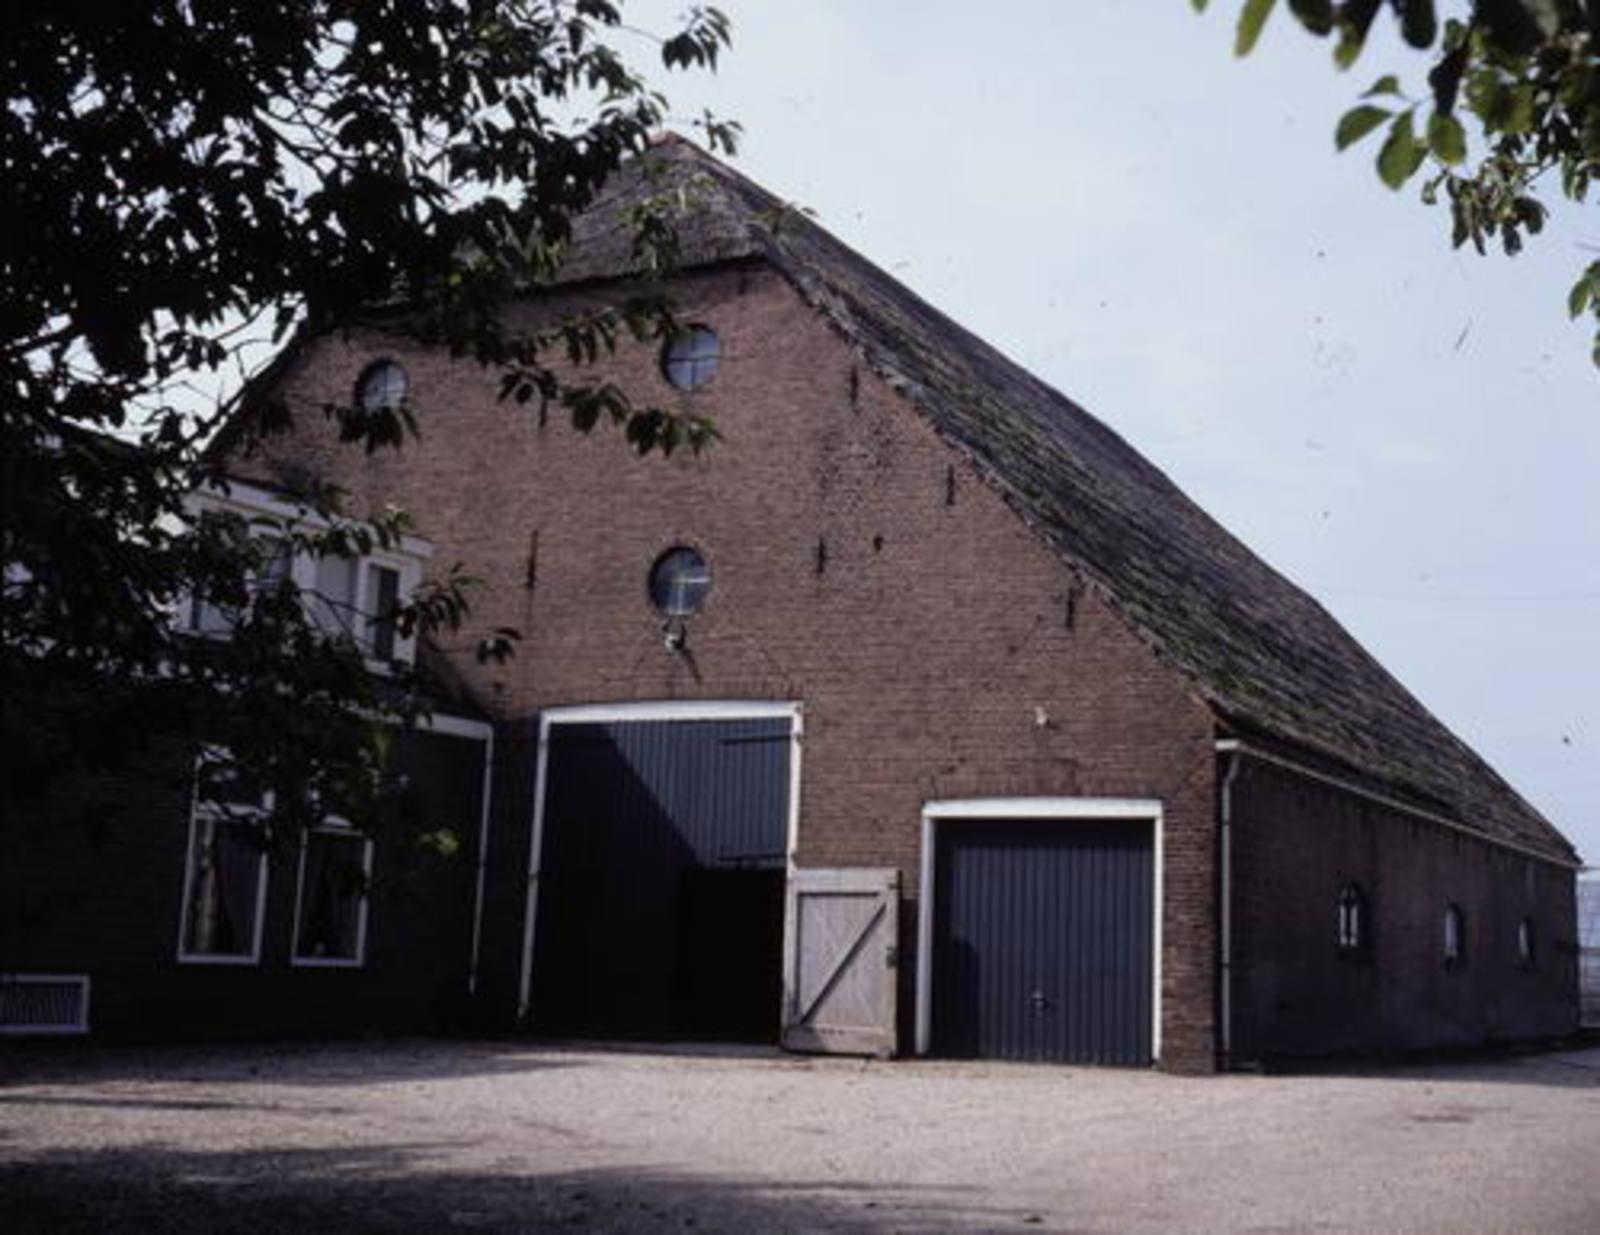 Rijnlanderweg W 0795 1997 Boerderij sHertogenbosch 01